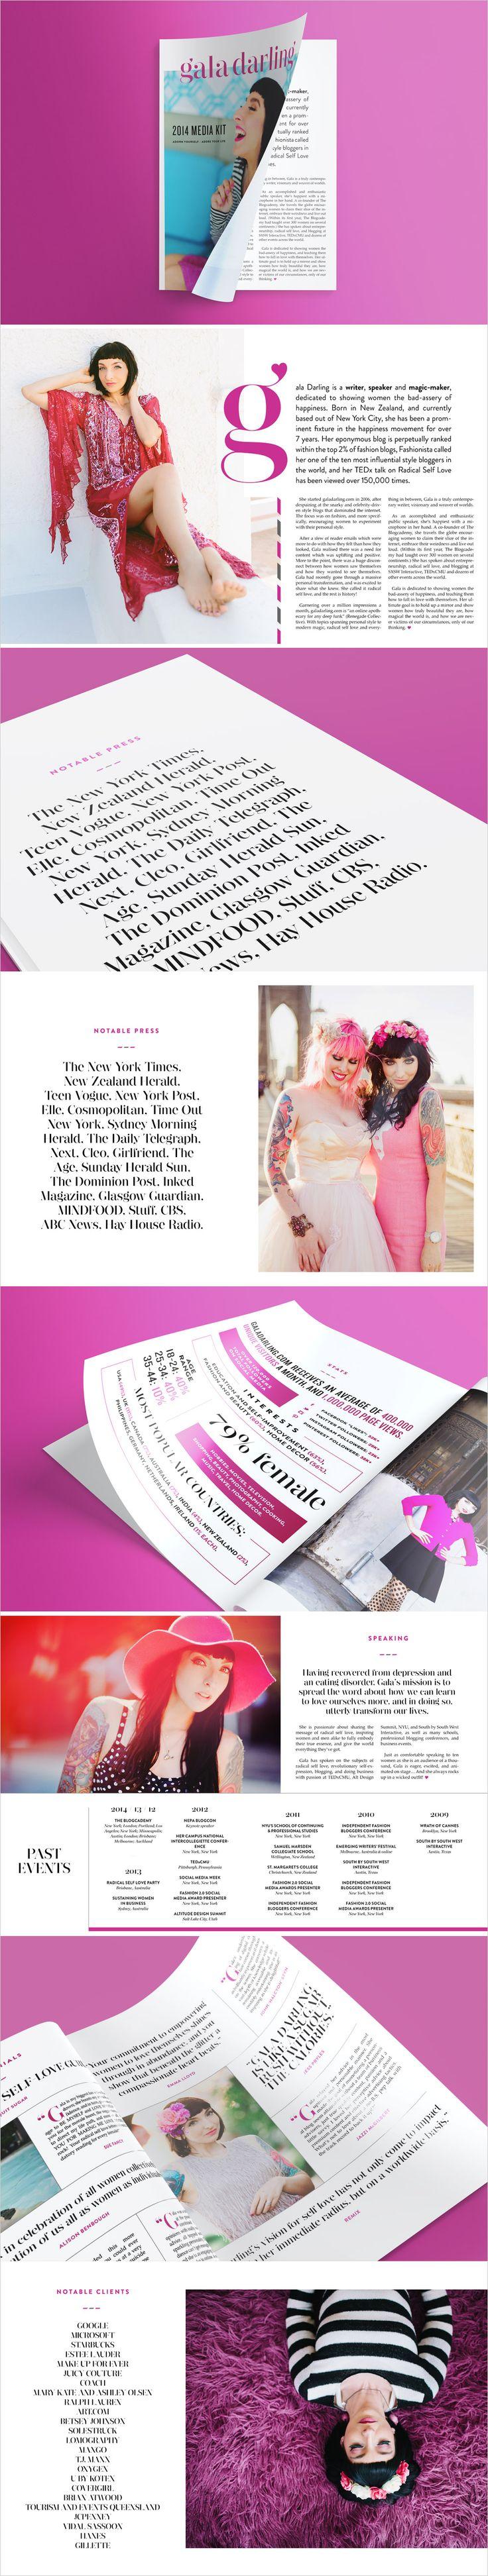 Branch   Gala Darling Media Kit